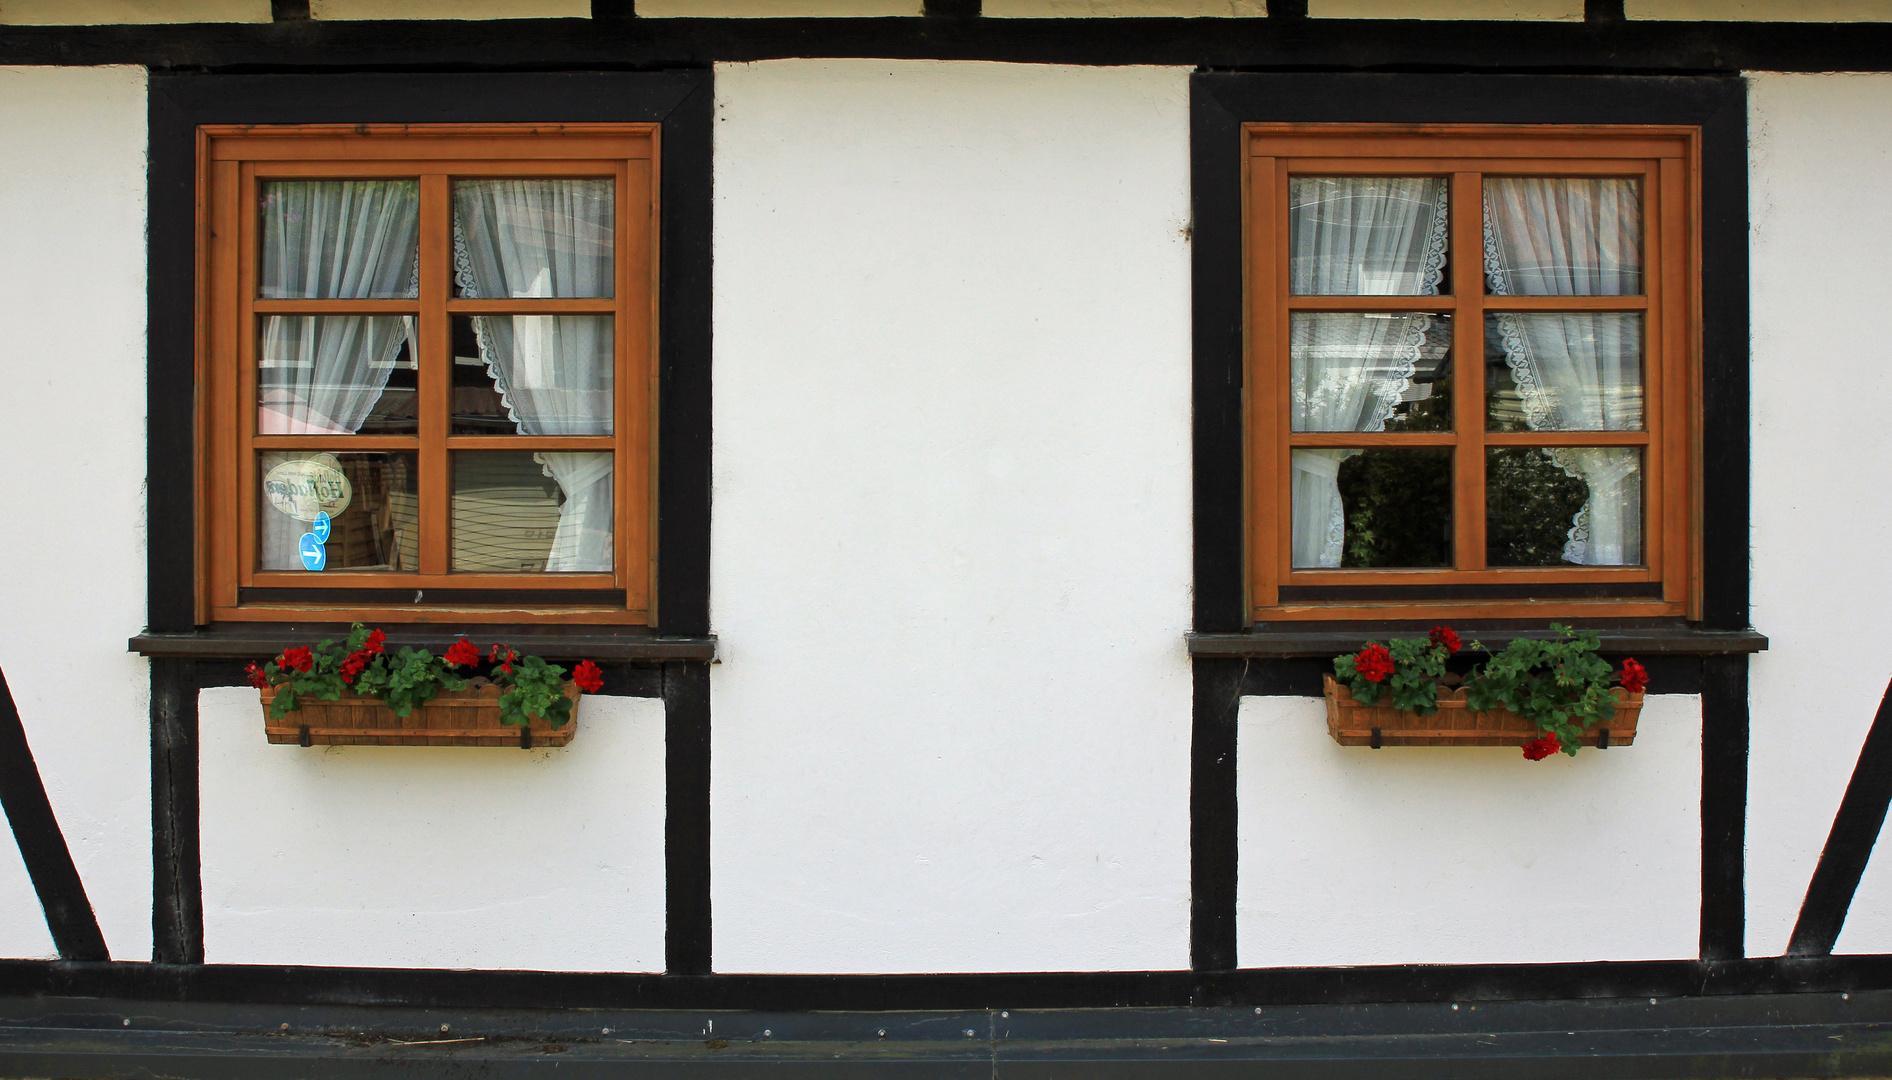 Backes in Netphen-Ölgershausen (Fenster)